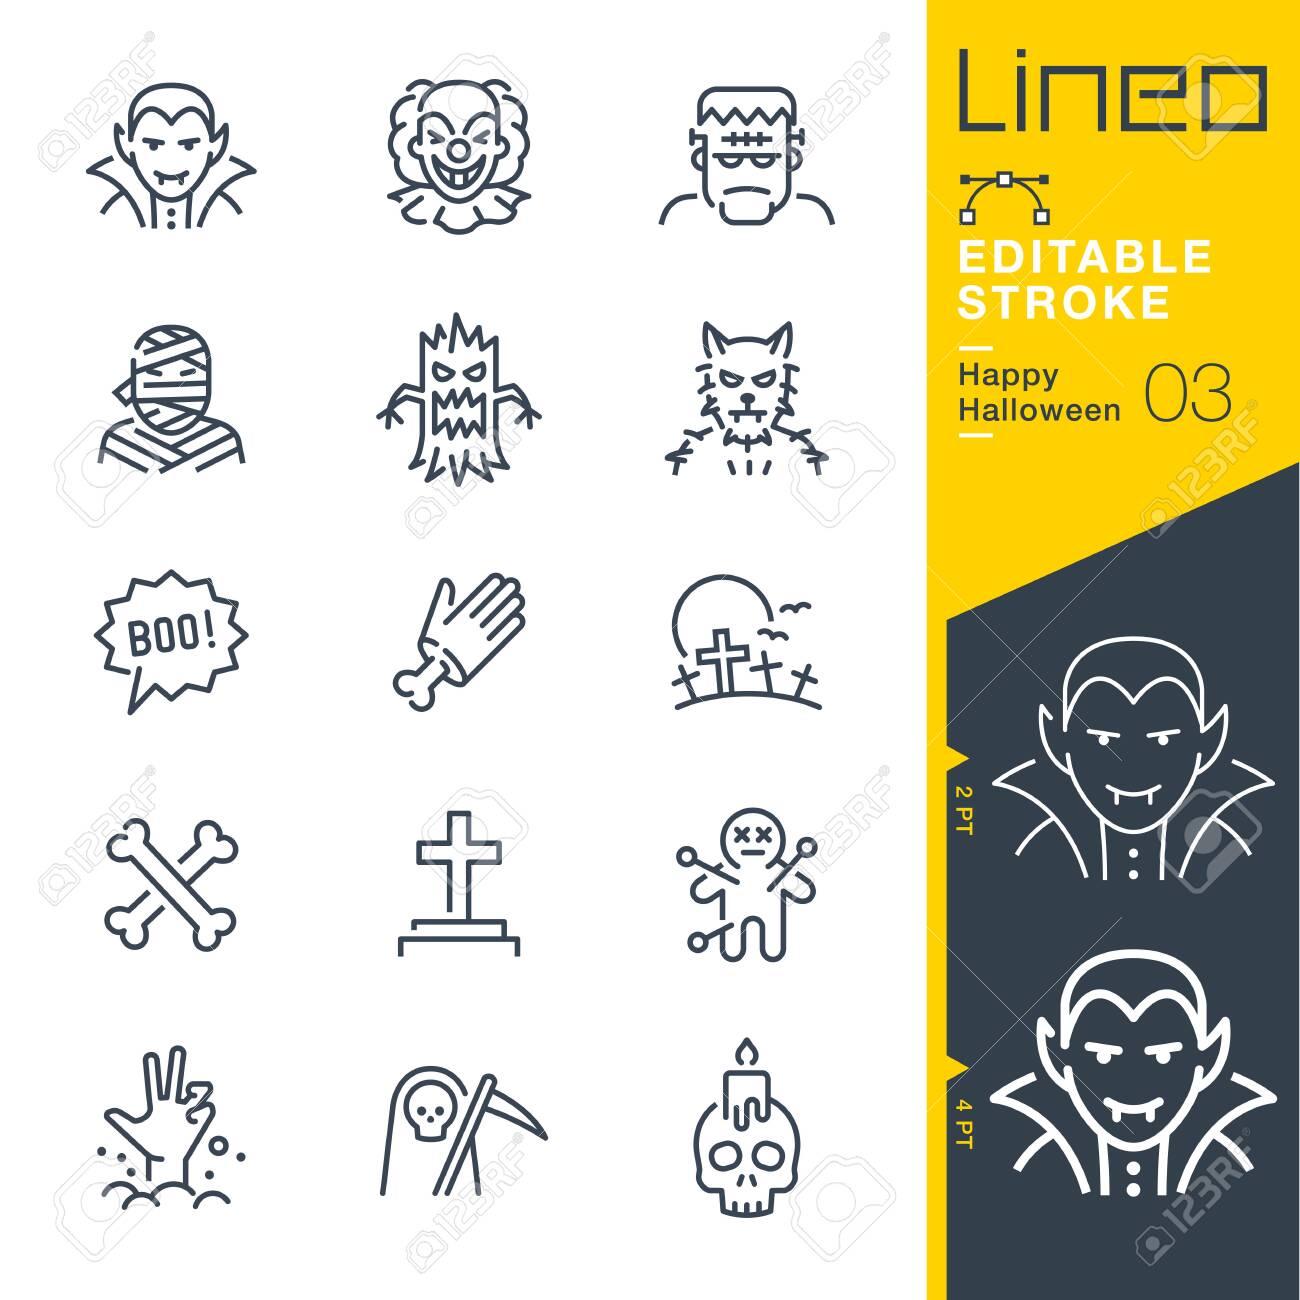 Lineo Editable Stroke - Happy Halloween line icons - 133976250